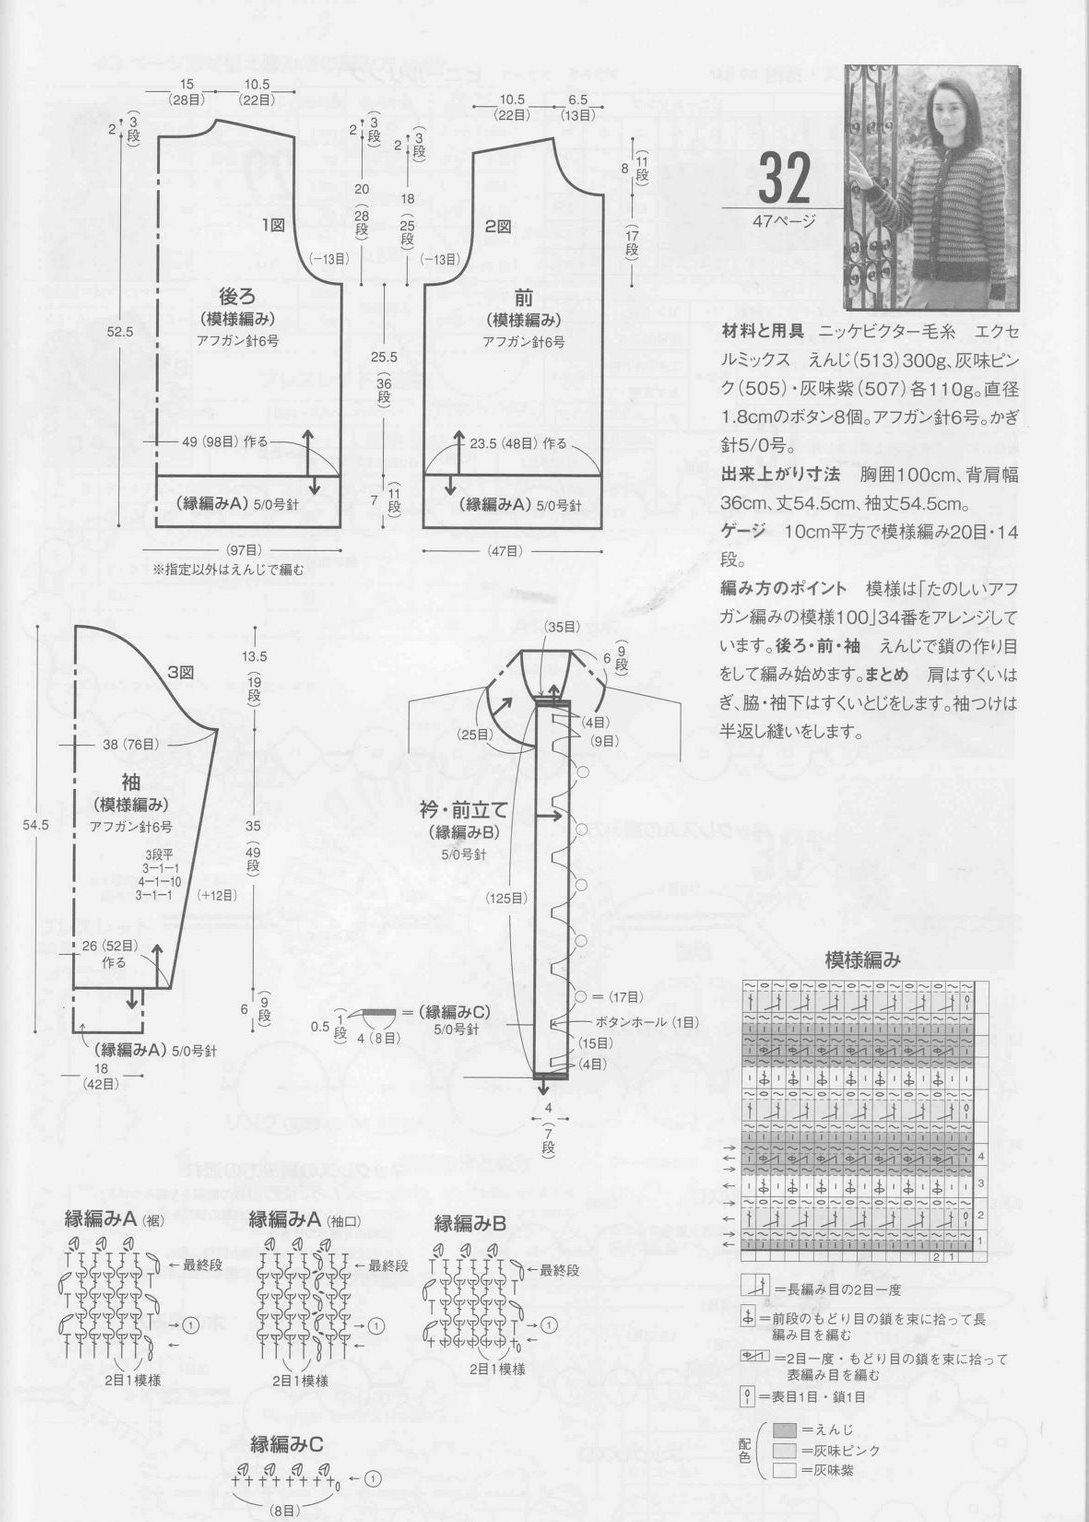 1827_Amu 2008_09_Page_043 (2)